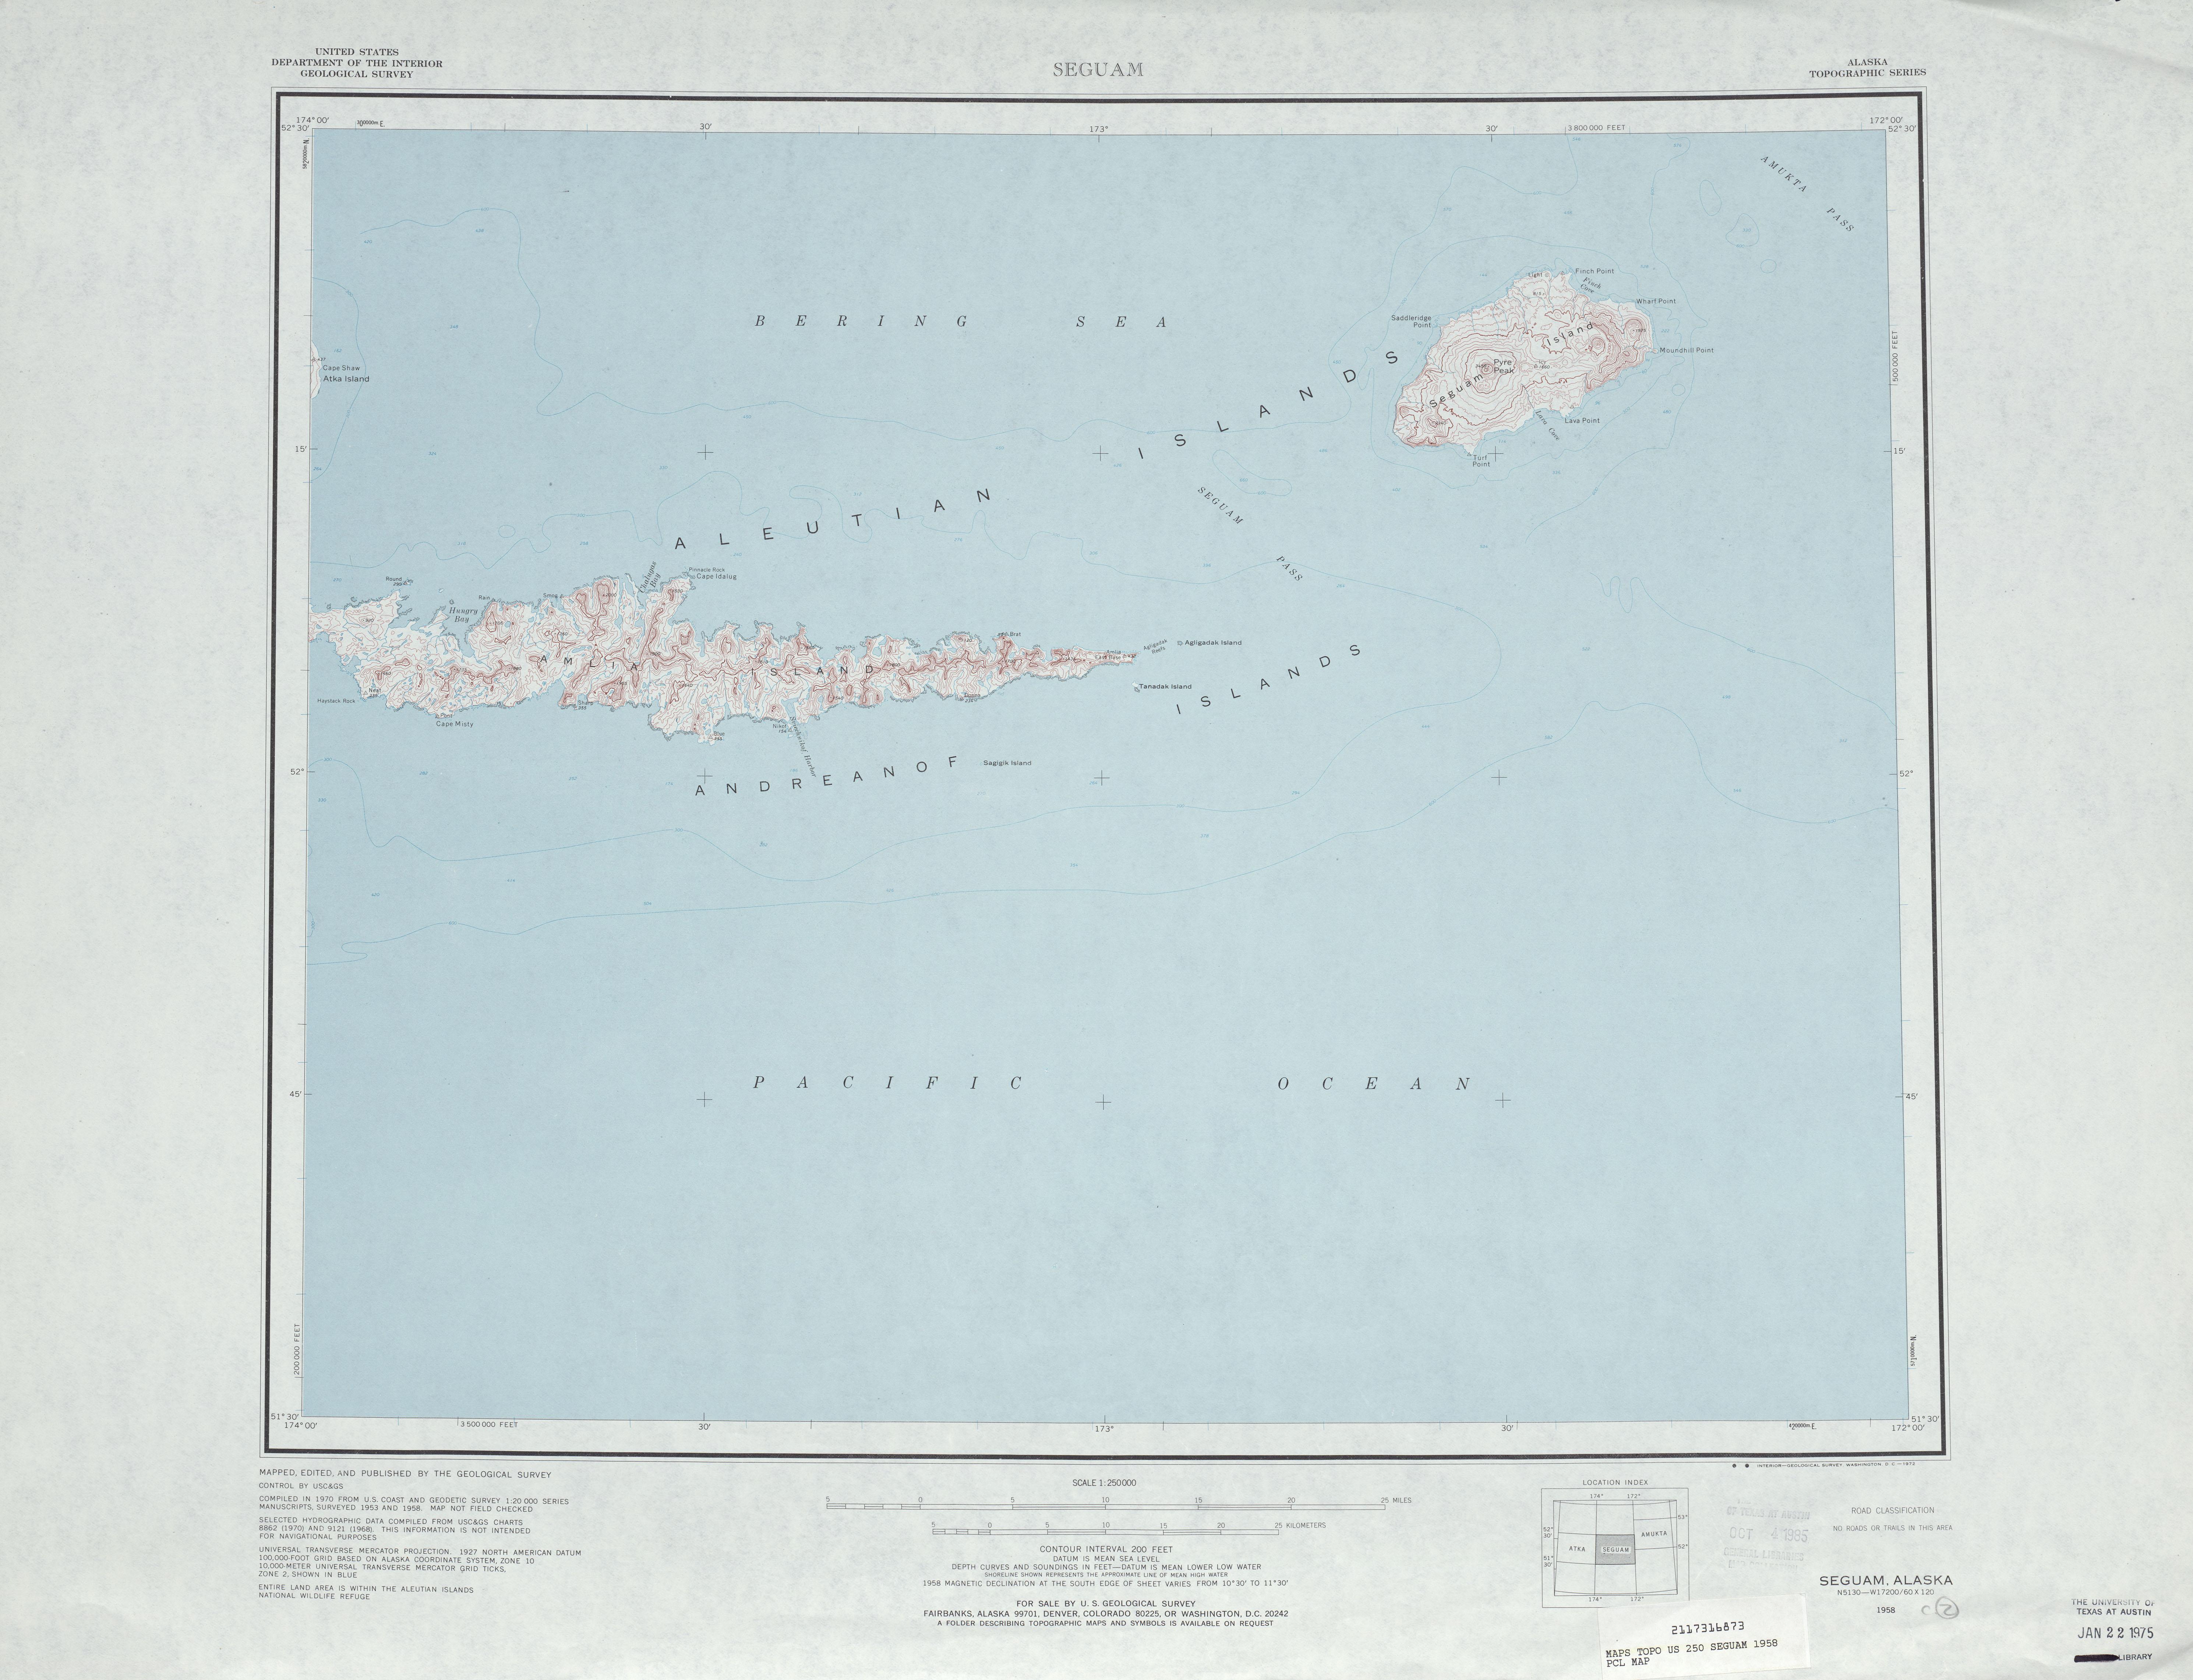 Hoja Seguam del Mapa Topográfico de los Estados Unidos 1958